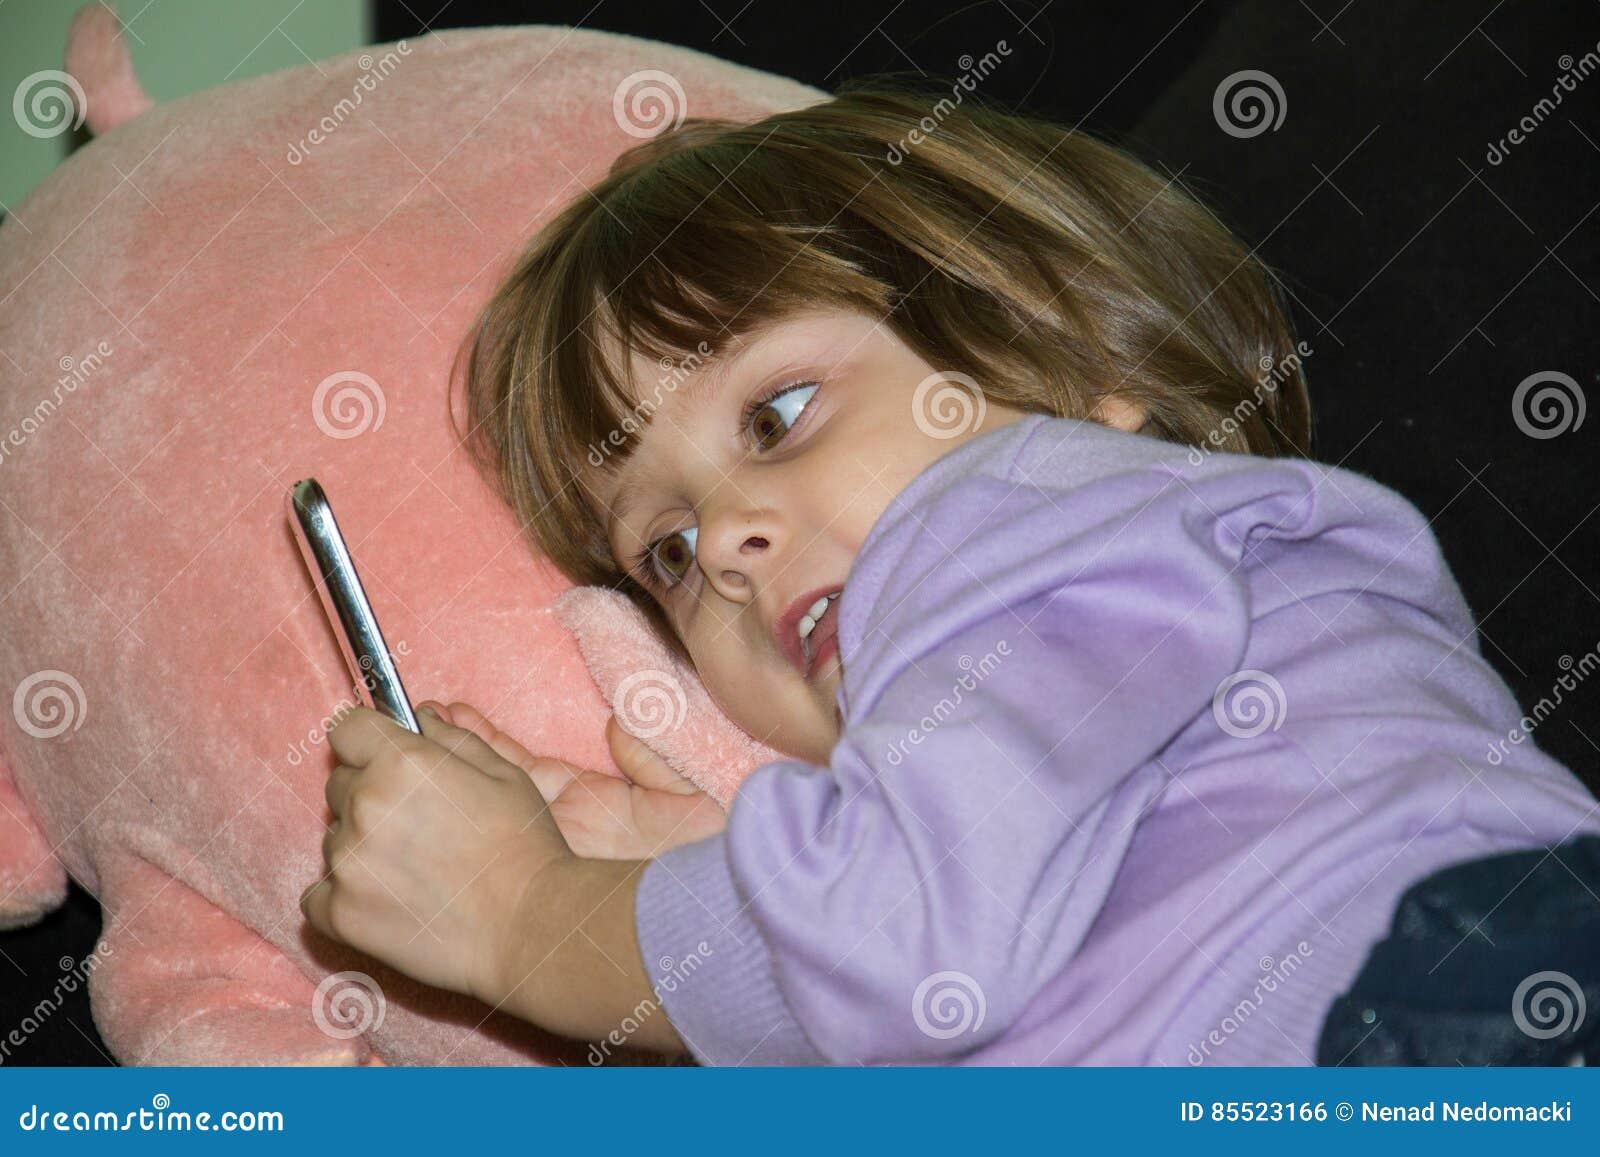 Juguete Miente En Y Su Niña Relleno Que Cama Con La Cerdo Linda Del cRjAL354q